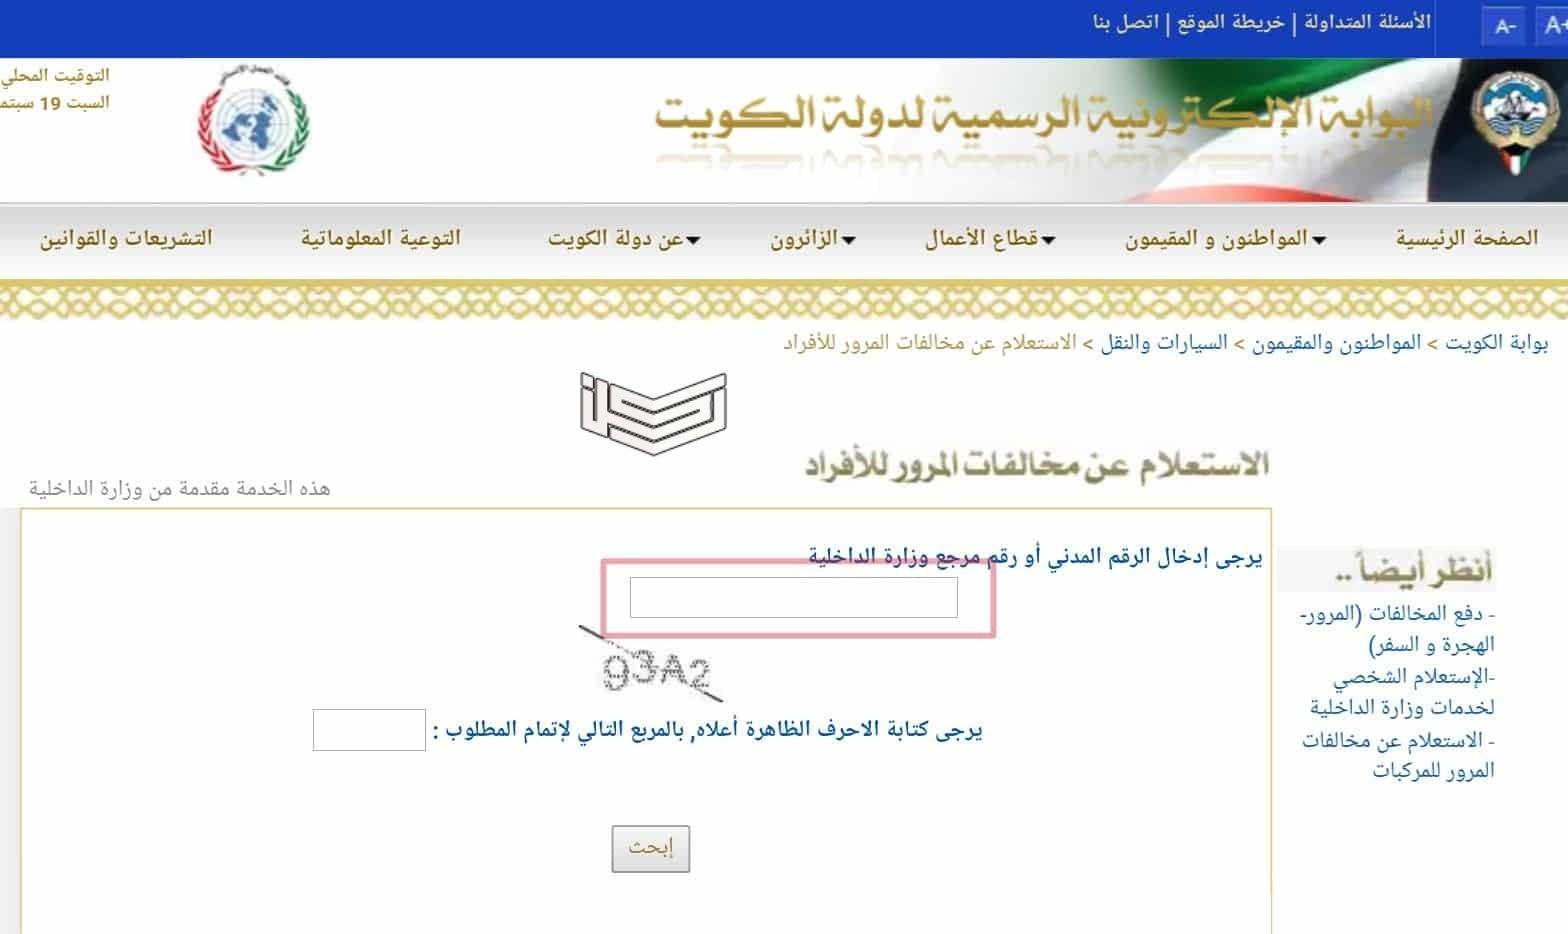 الاستعلام عن مخالفات المرور في الكويت 1441